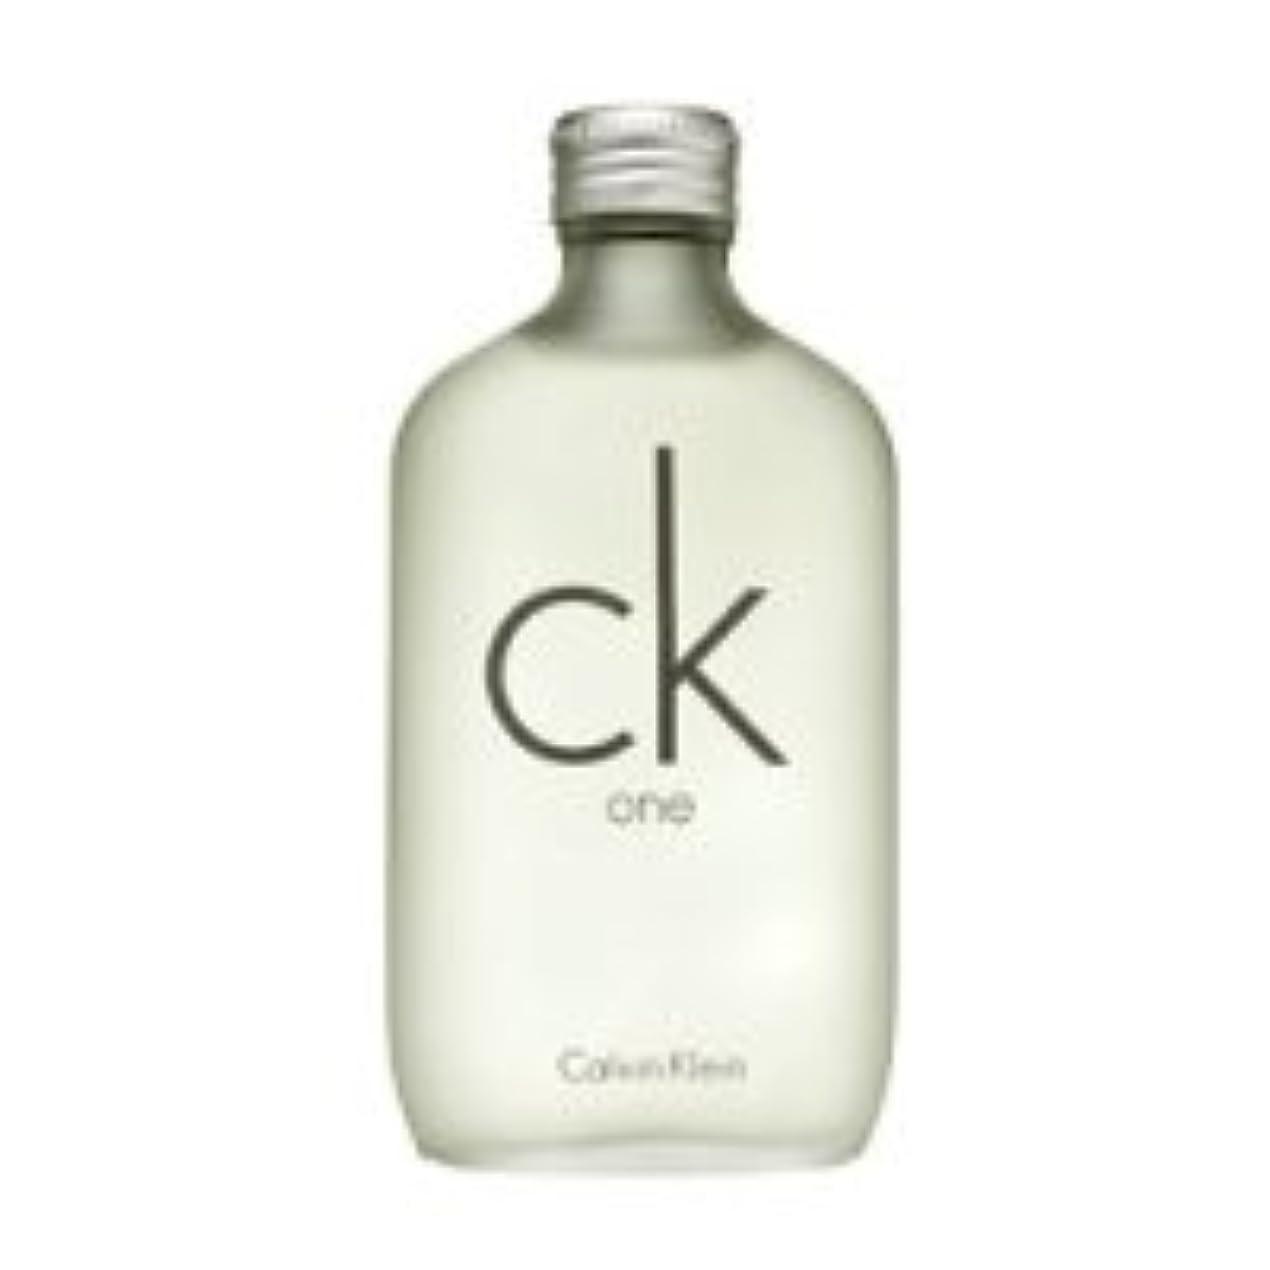 海洋協力的十代の若者たちカルバンクライン(Calvin Klein) シーケーワン(CK ONE) ET200ml SP[並行輸入品]